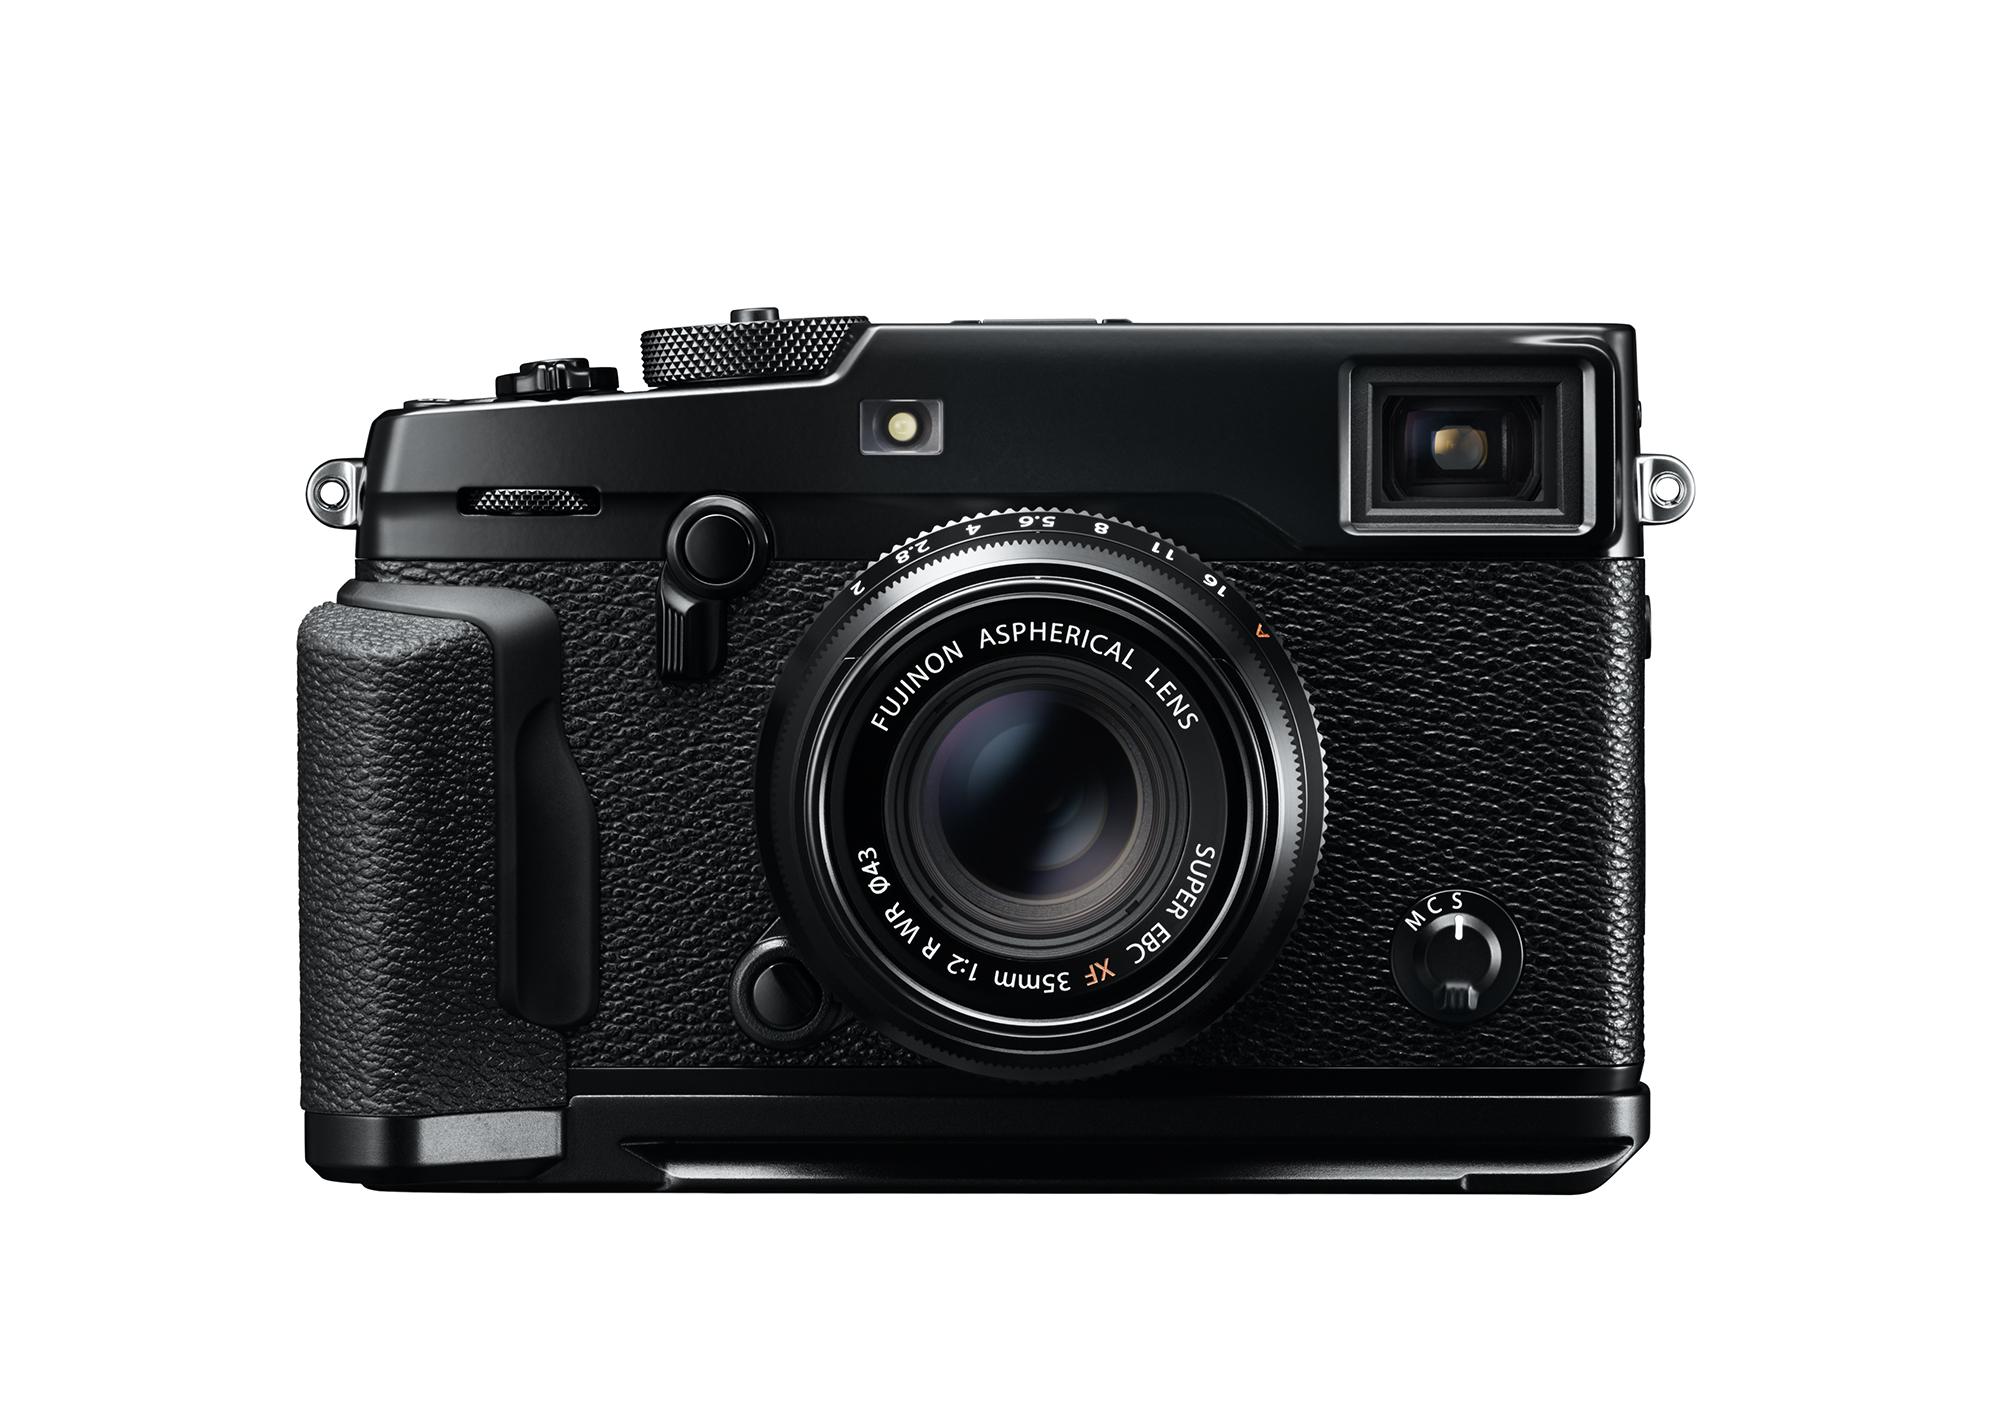 04_X-Pro2_BK_Front_35mm_MHG_White.jpg